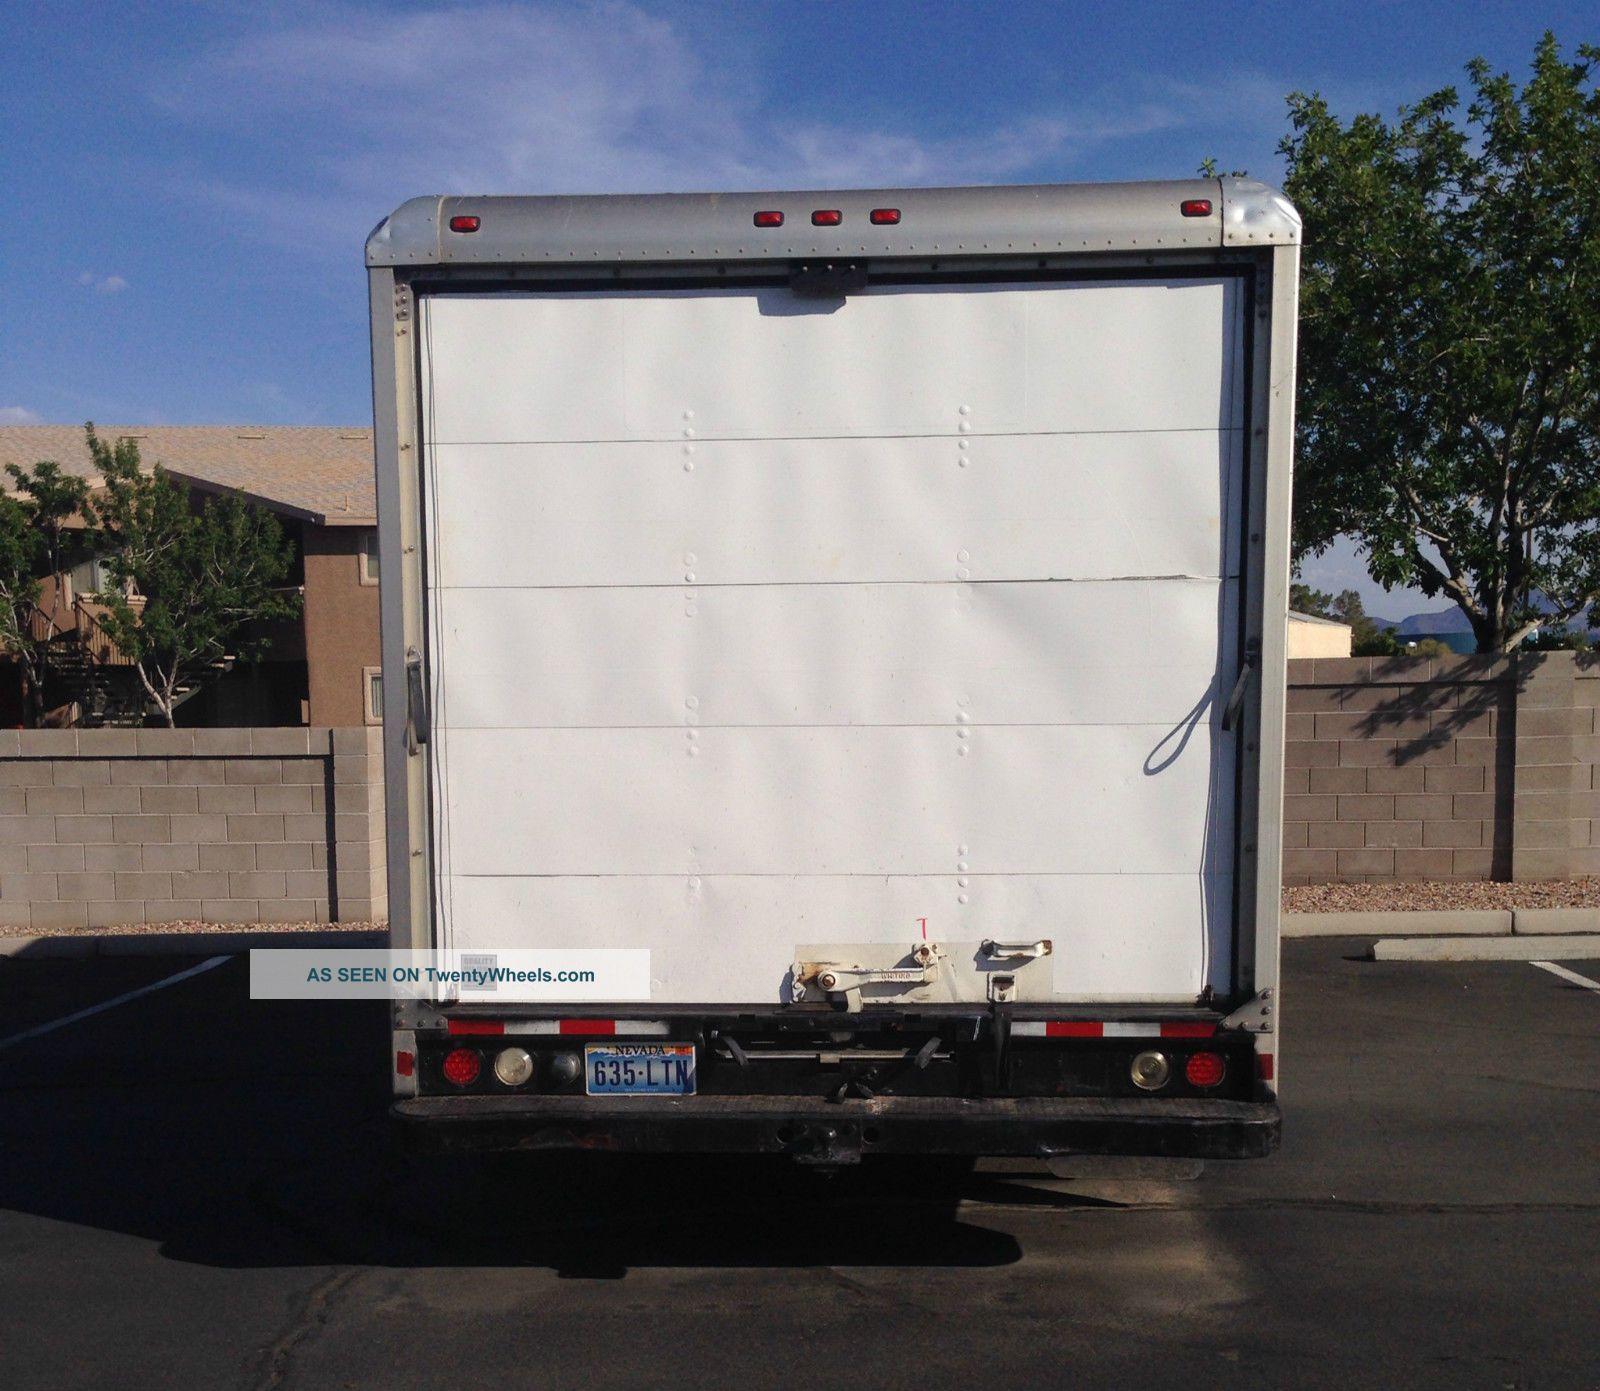 1998 Ford Econoline E350 Cargo Exterior: 1998 Ford E350 Box Truck